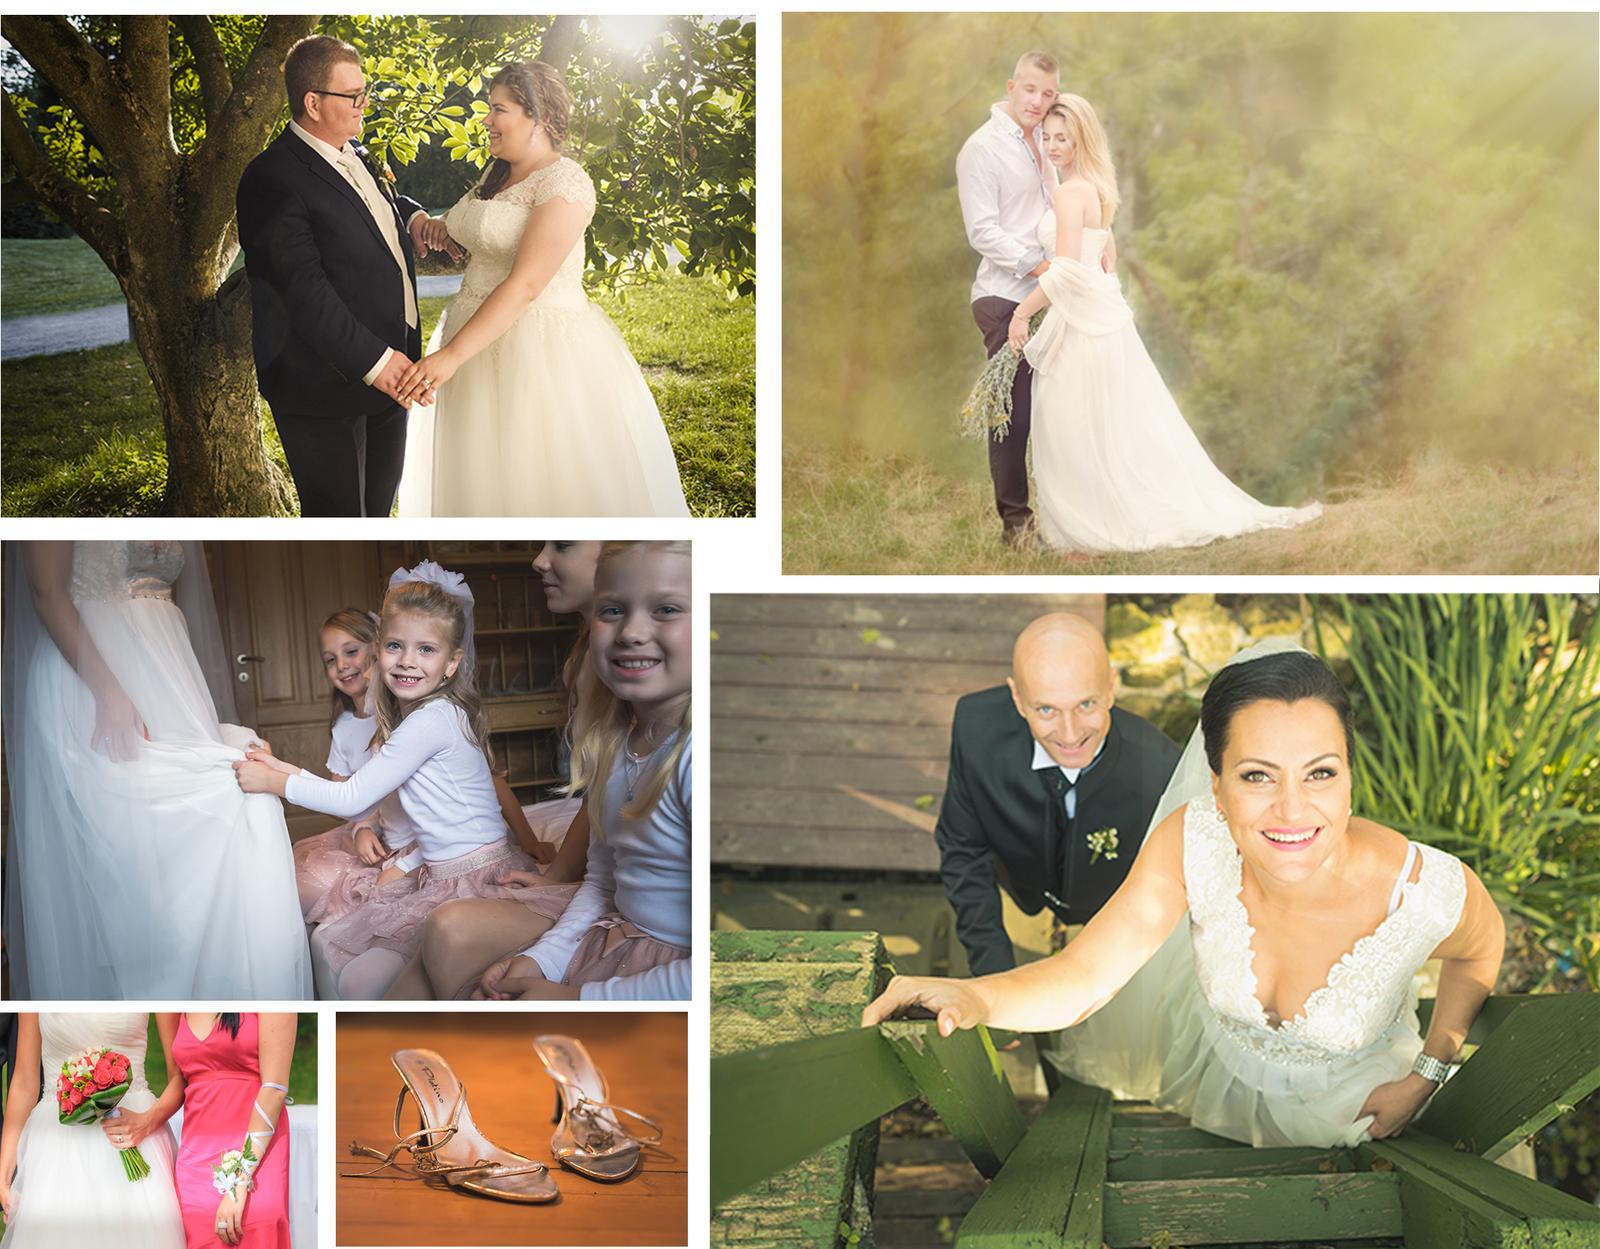 Vaši svatbu rád nafotím.... - Obrázek č. 2